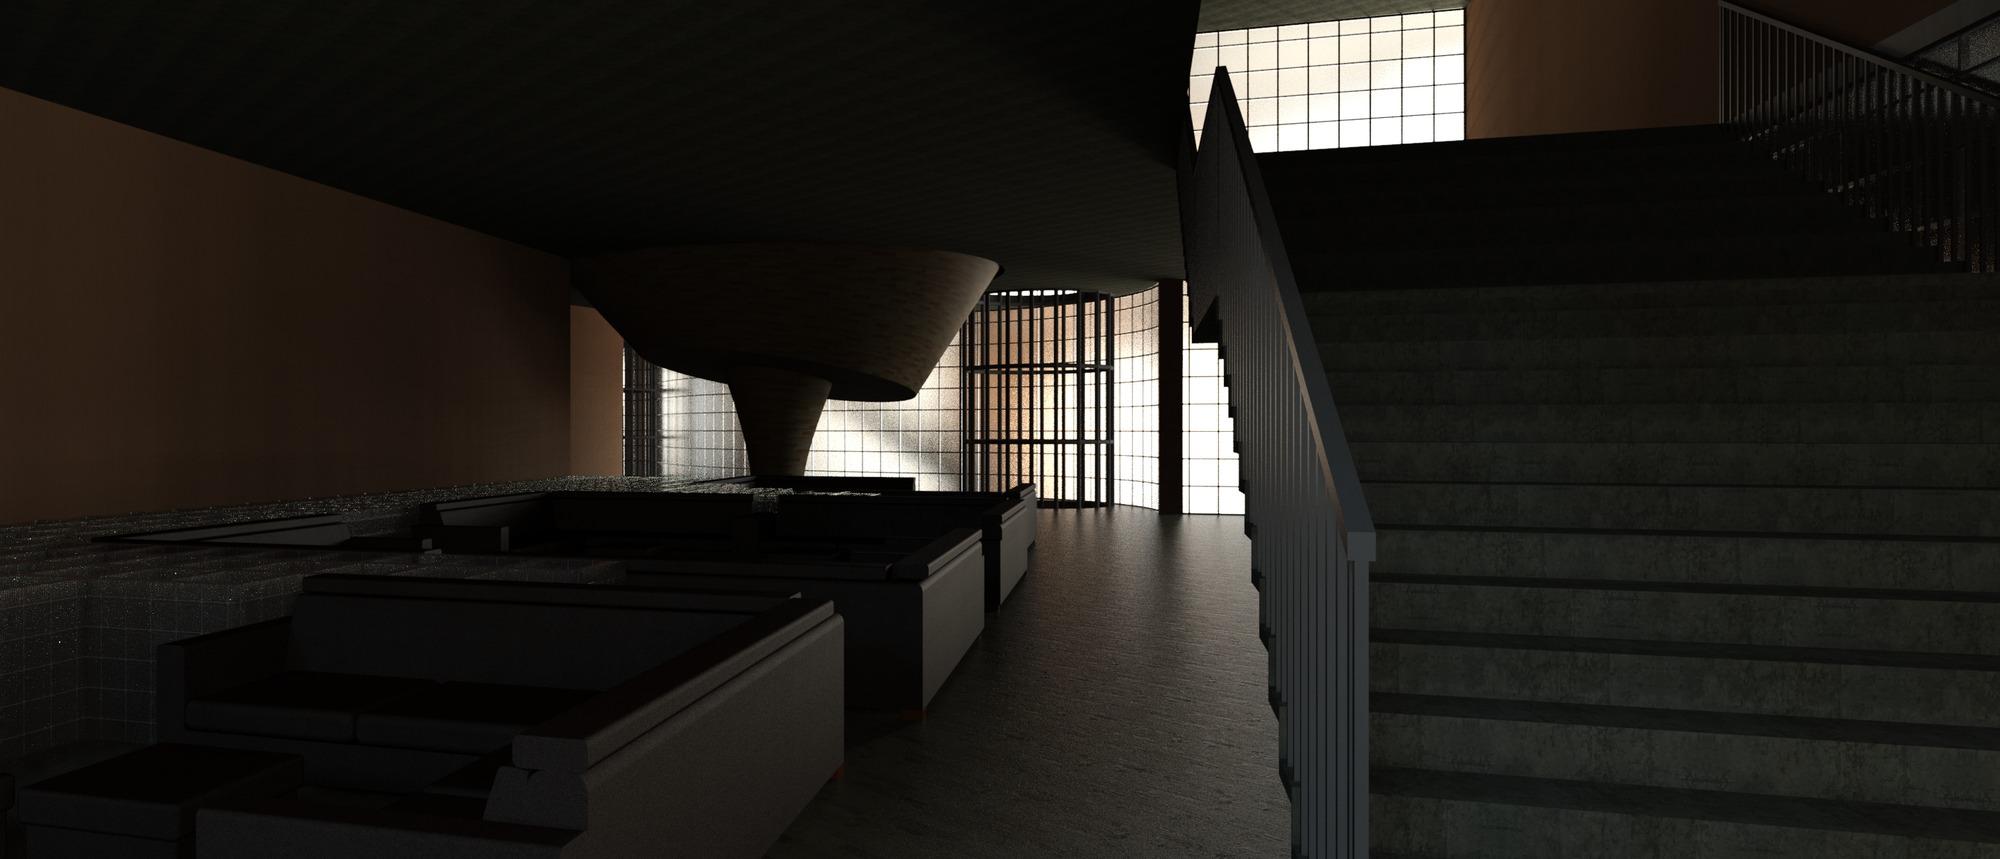 Raas-rendering20150615-2355-lwprqj